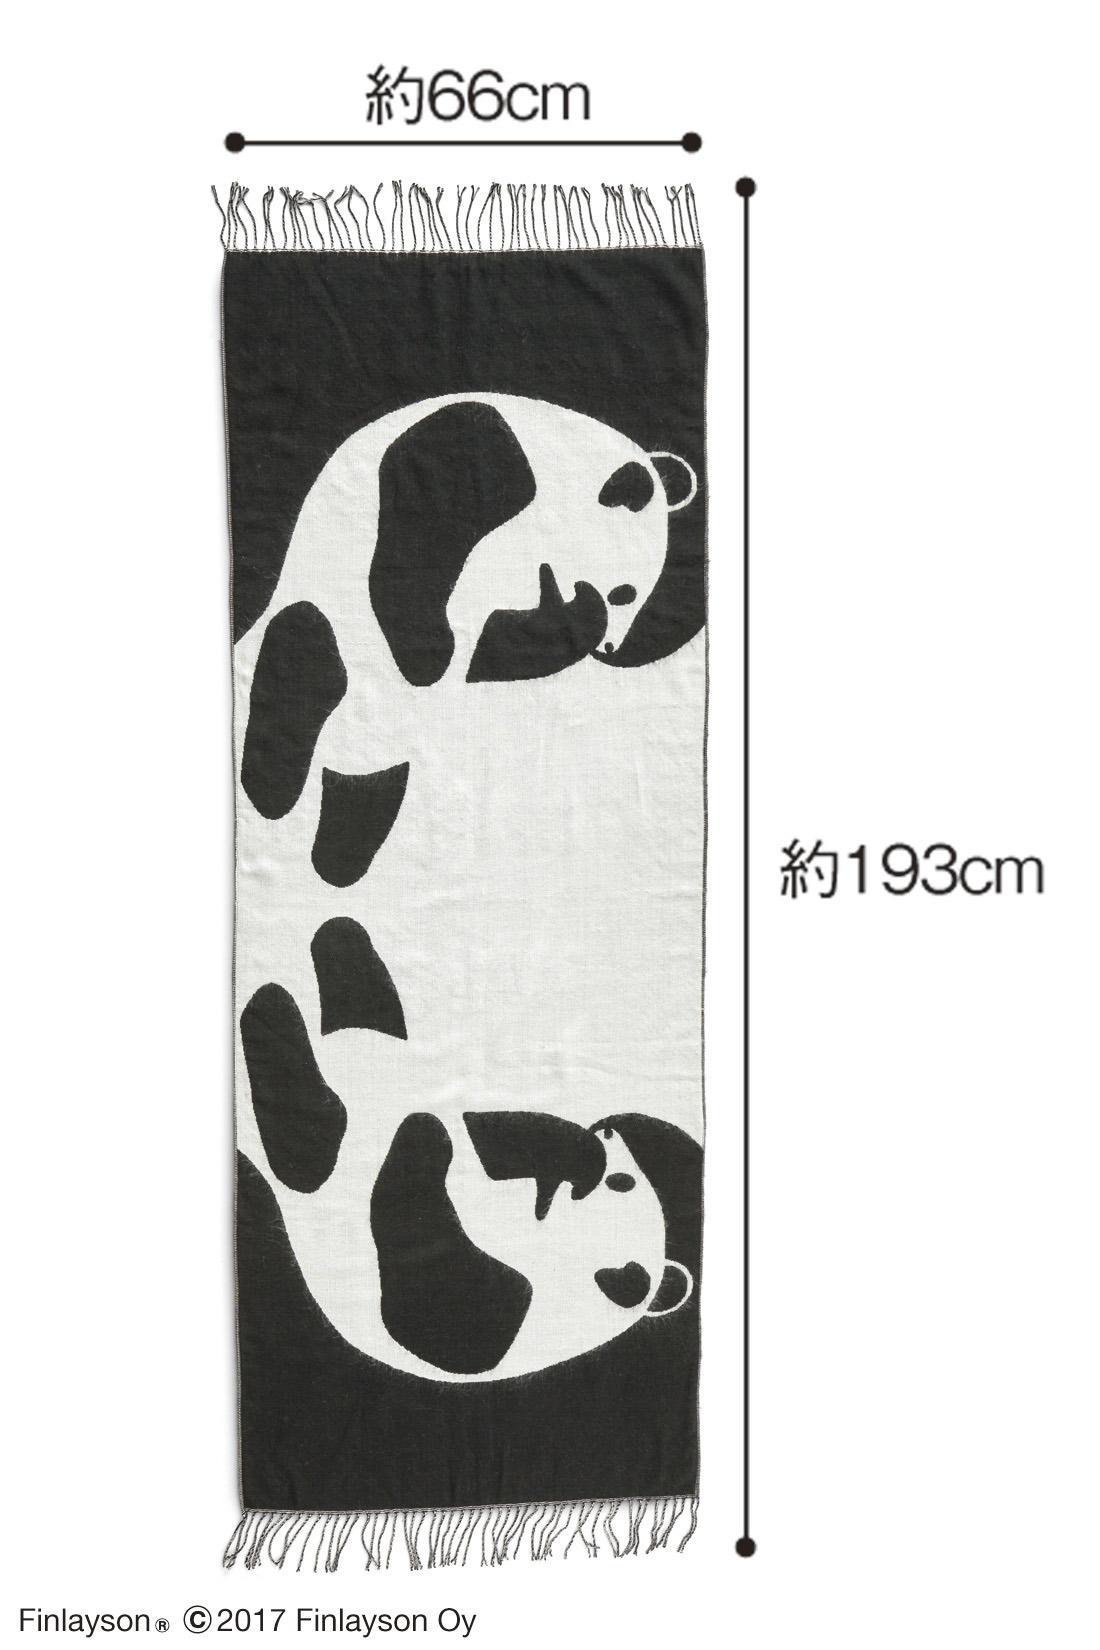 2匹のパンダが向かい合っている、遊び心いっぱいのデザイン。